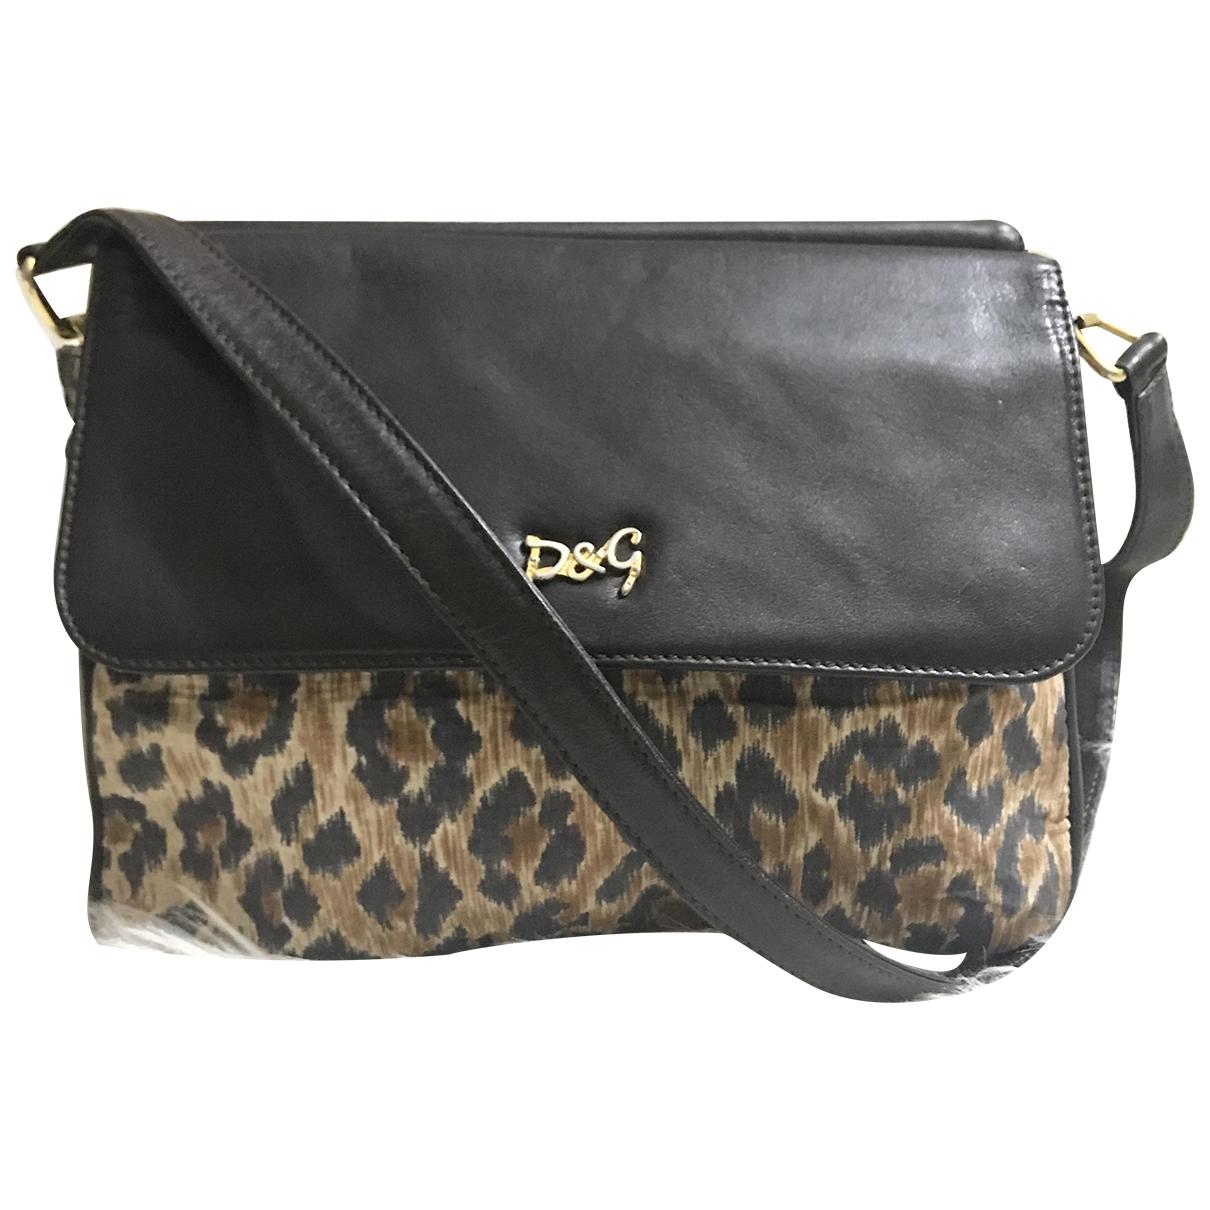 D&g \N Handtasche in  Braun Leinen